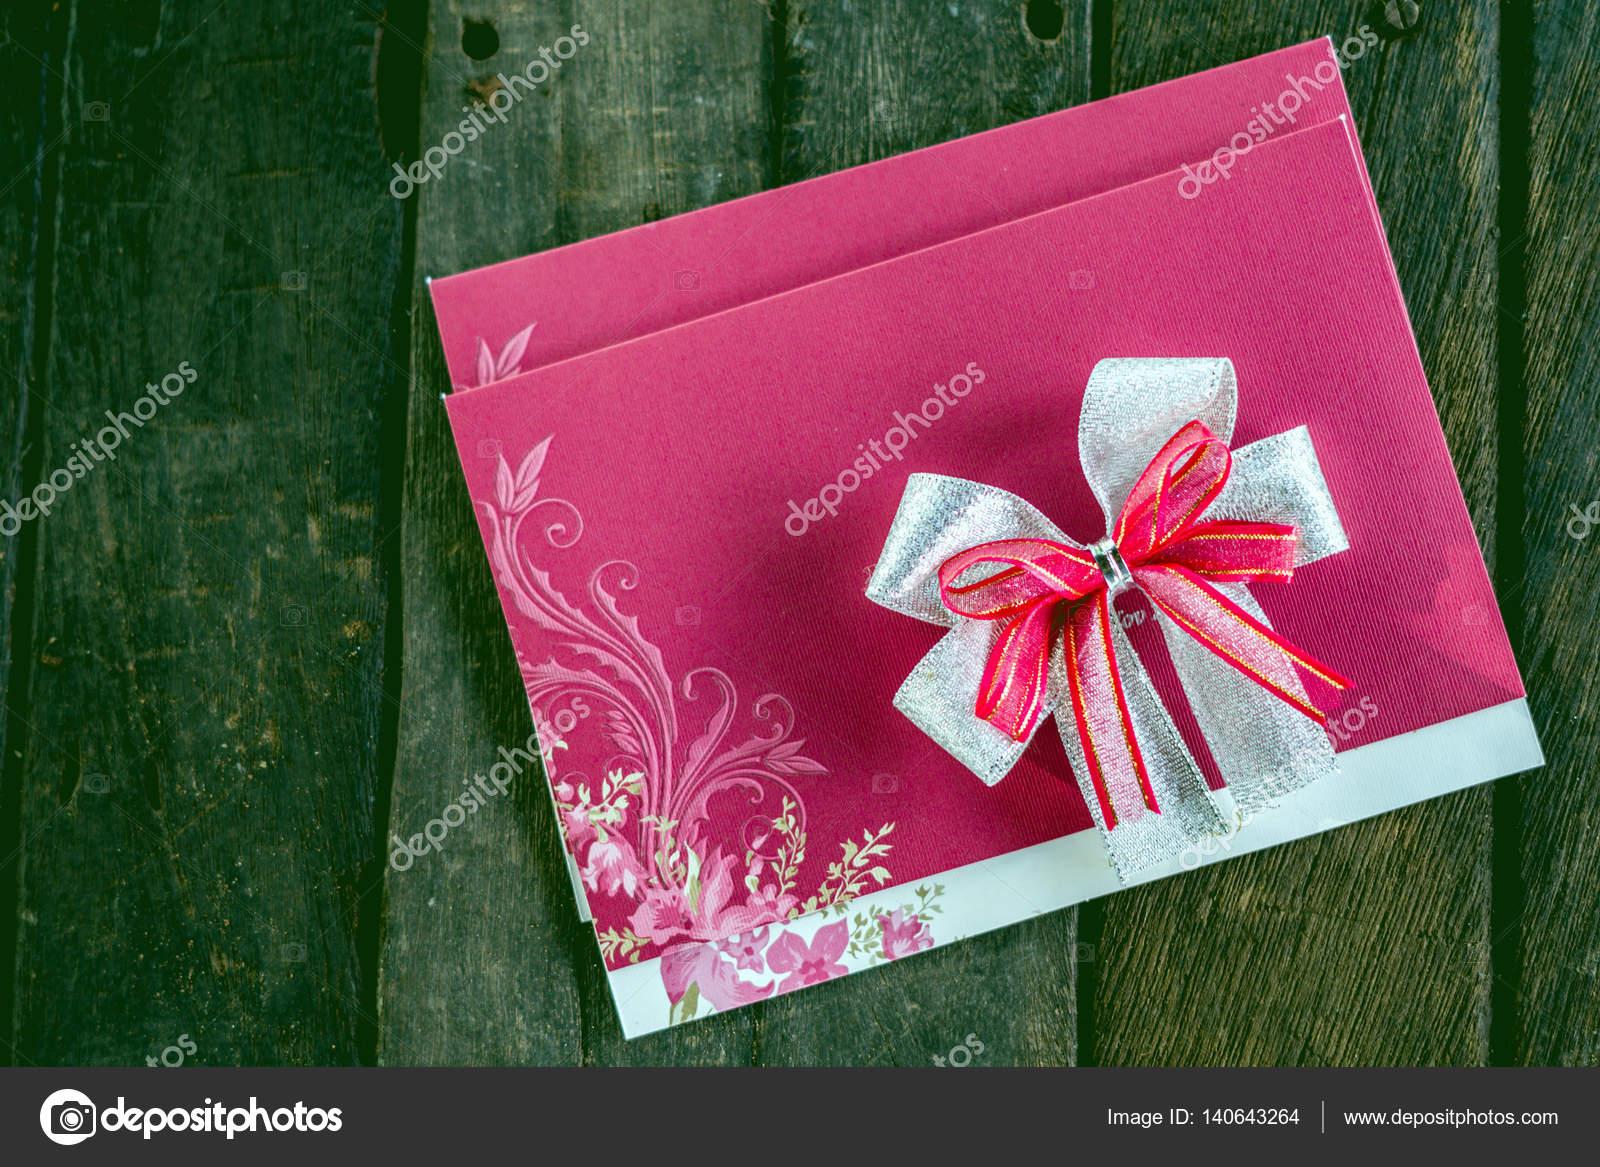 Hochzeit Einladung Karte Basteln Aus Pappe Auf Einem Hölzernen Liegend U2014  Stockfoto